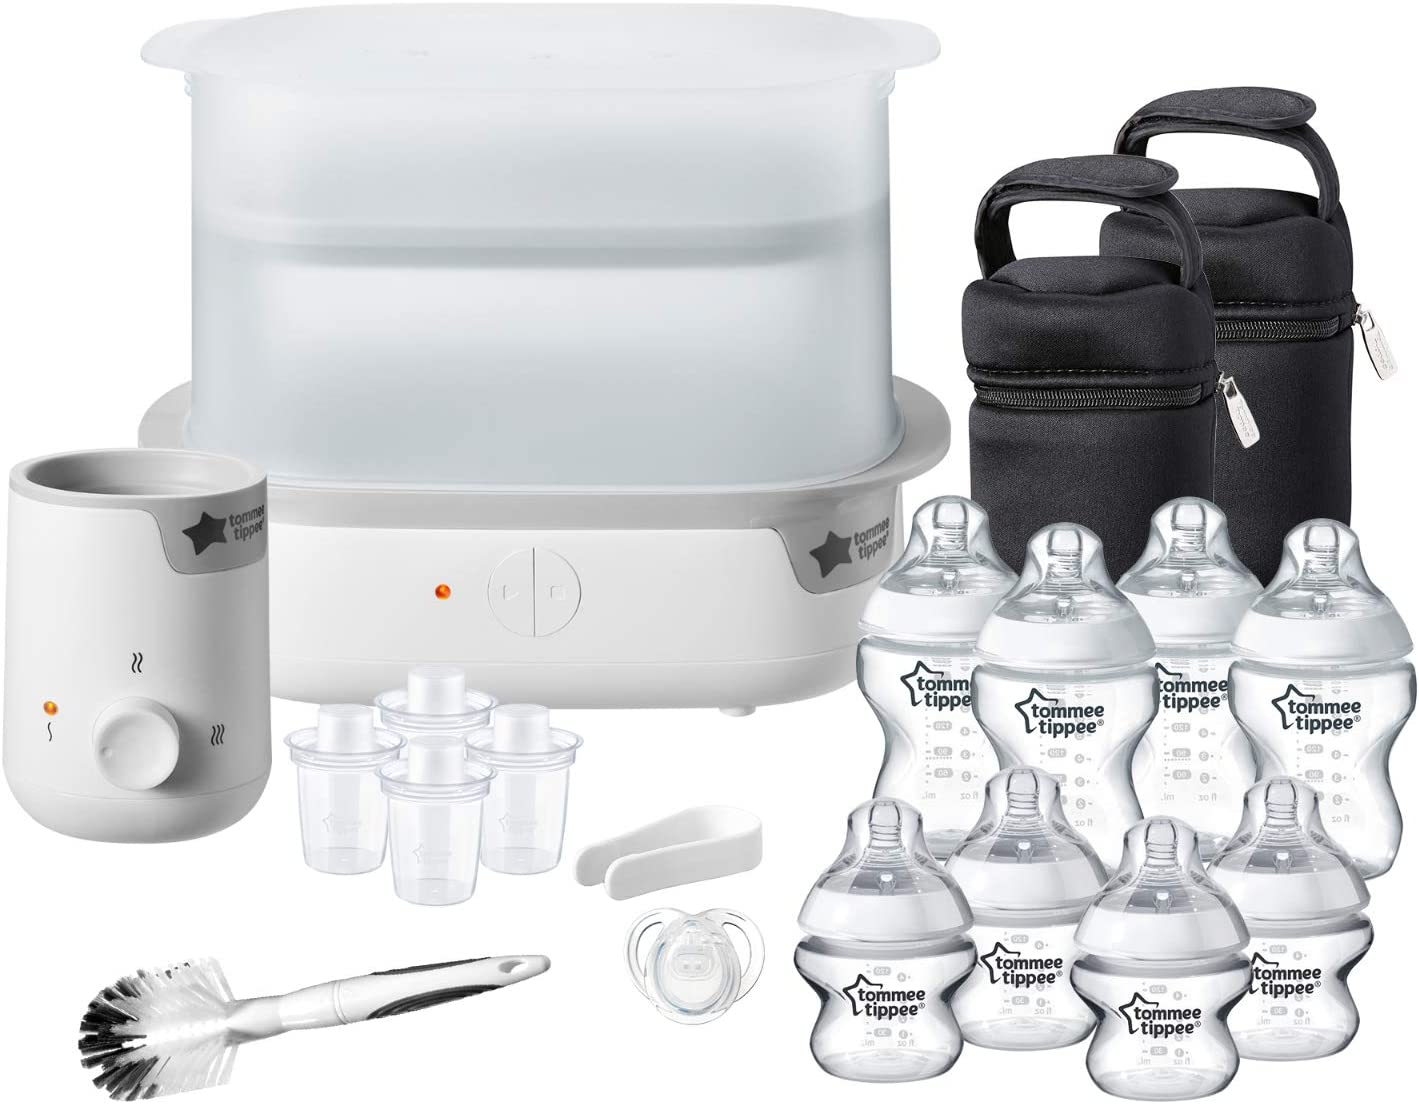 مجموعة ادوات تغذية الرضع الكاملة مع معقم البخار الكهربائي من تومي تيبي